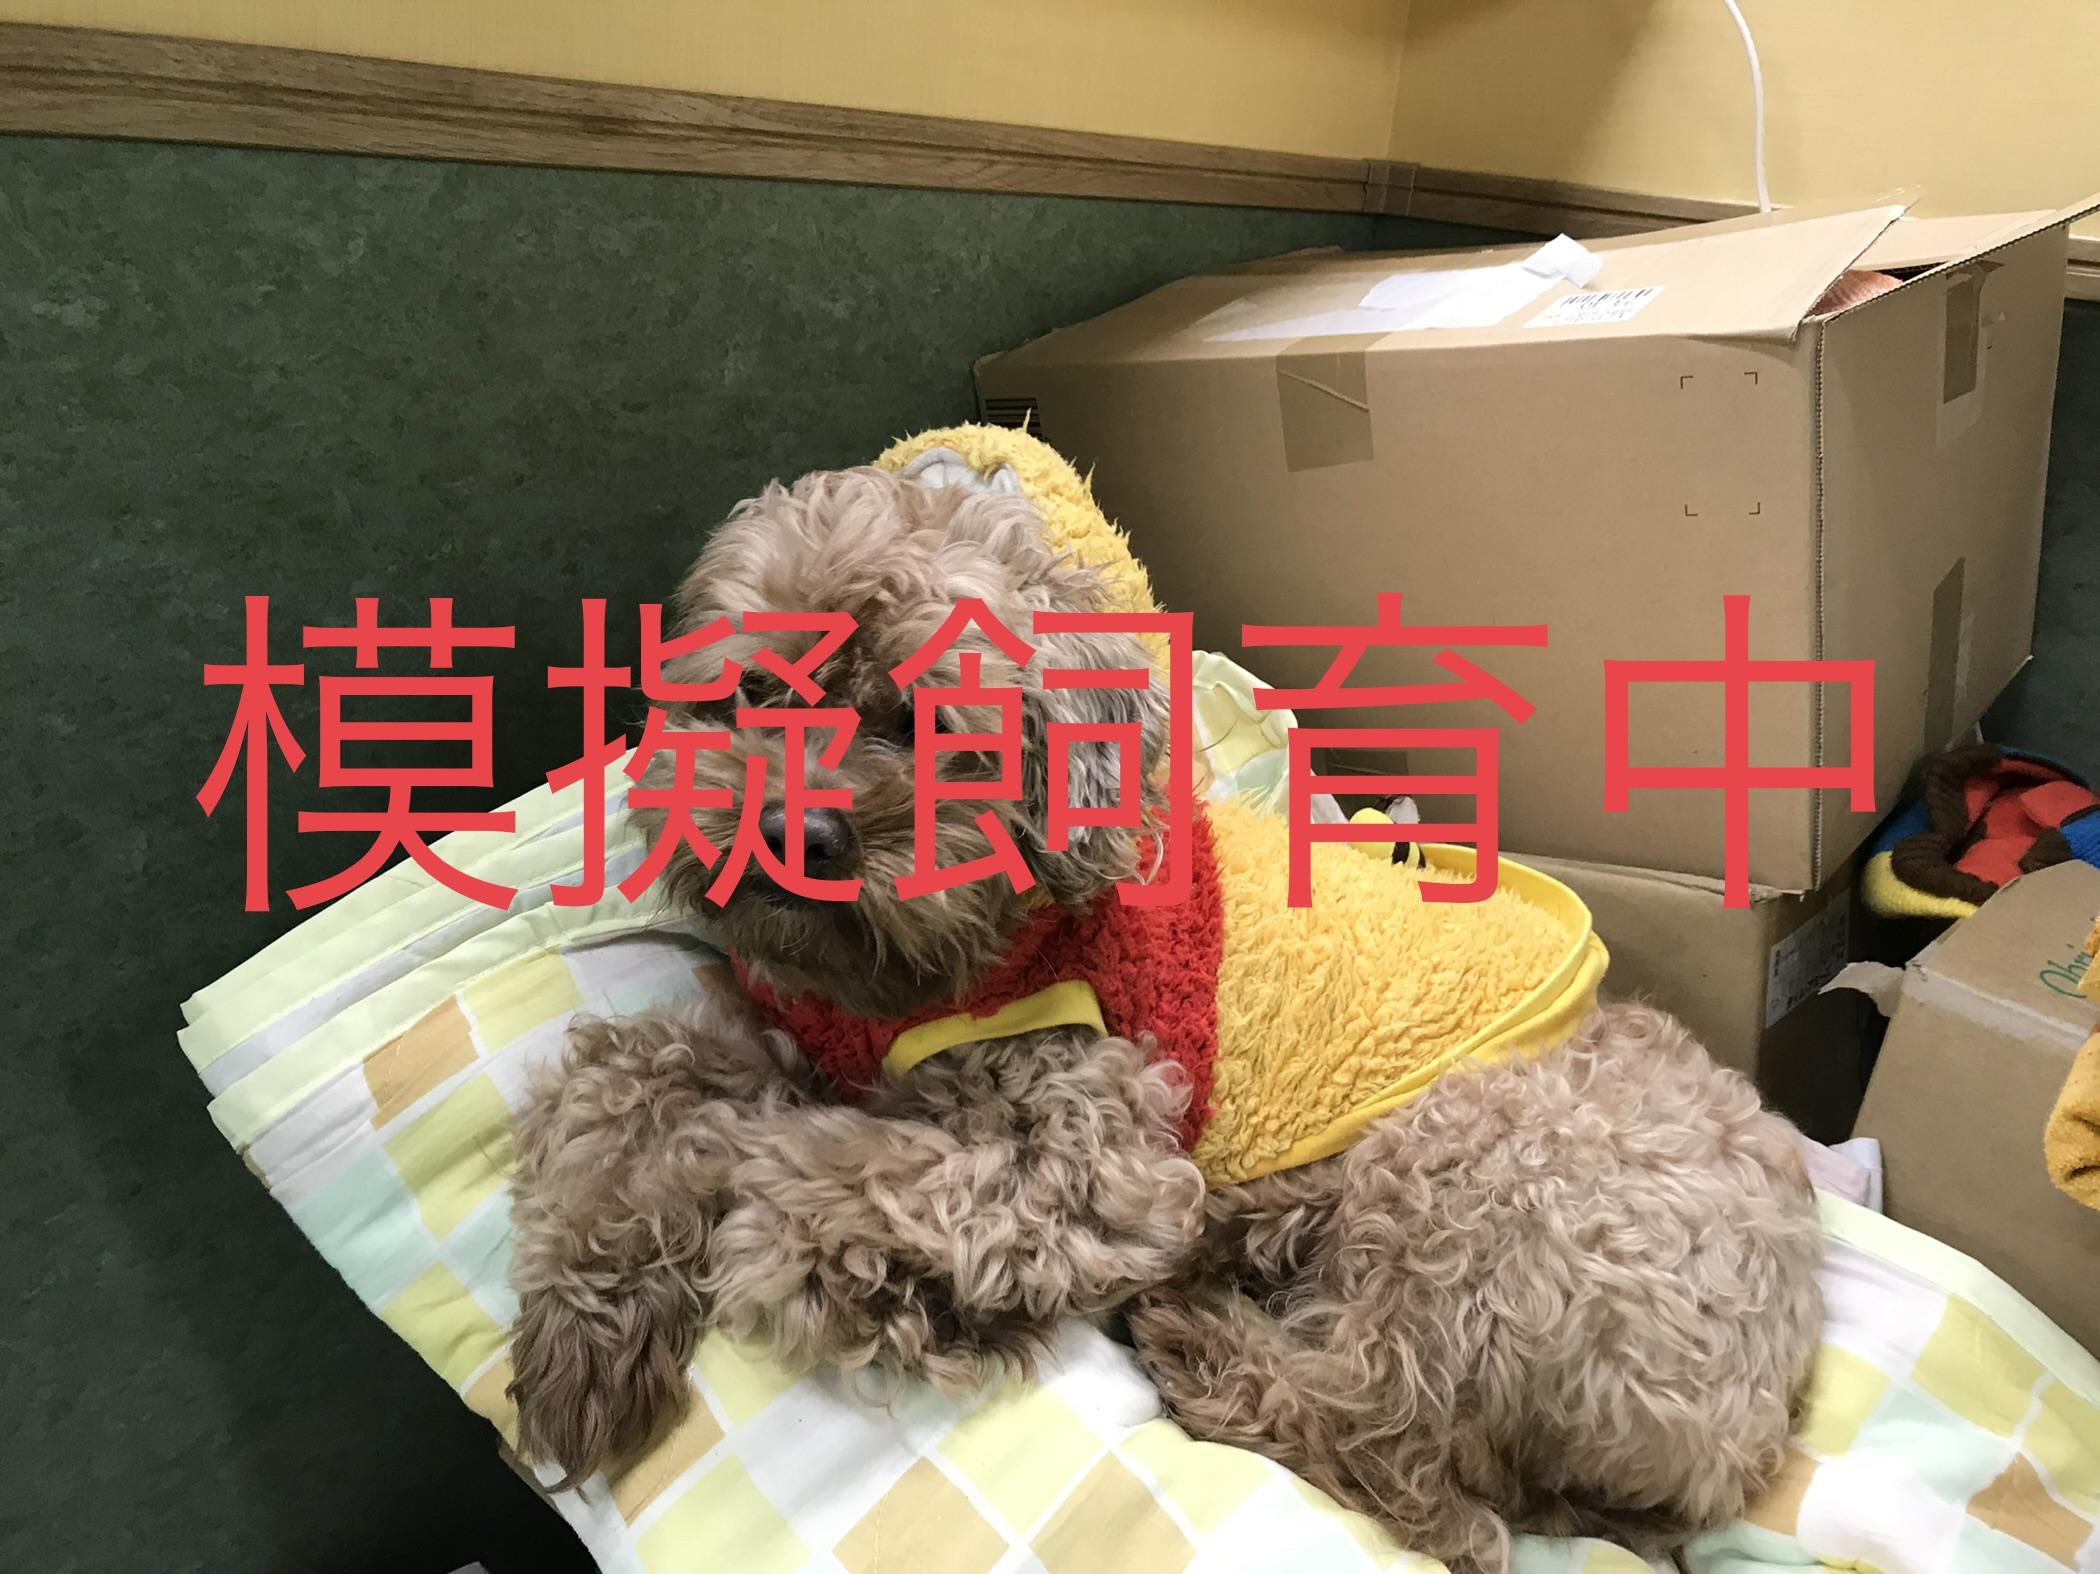 <ul> <li>犬種:プードル×キャバリア</li> <li>性別:男の子</li> <li>名前:レオ</li> <li>年齢:2013年6月26日</li> <li>保護経緯:家族の方がアレルギーのため飼育困難になり引き取りました</li> </ul>